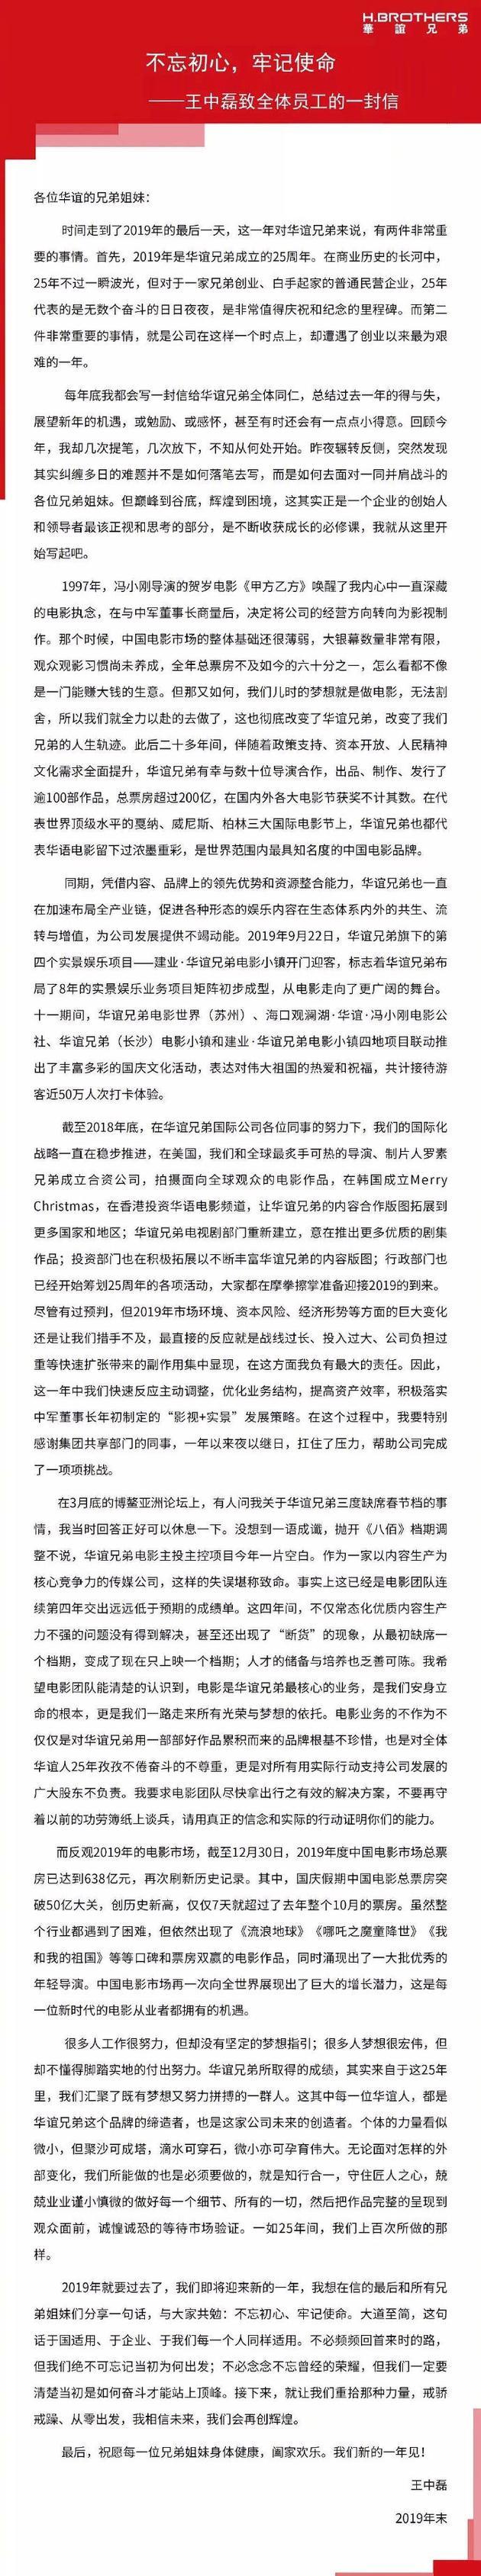 王中磊致員工的信